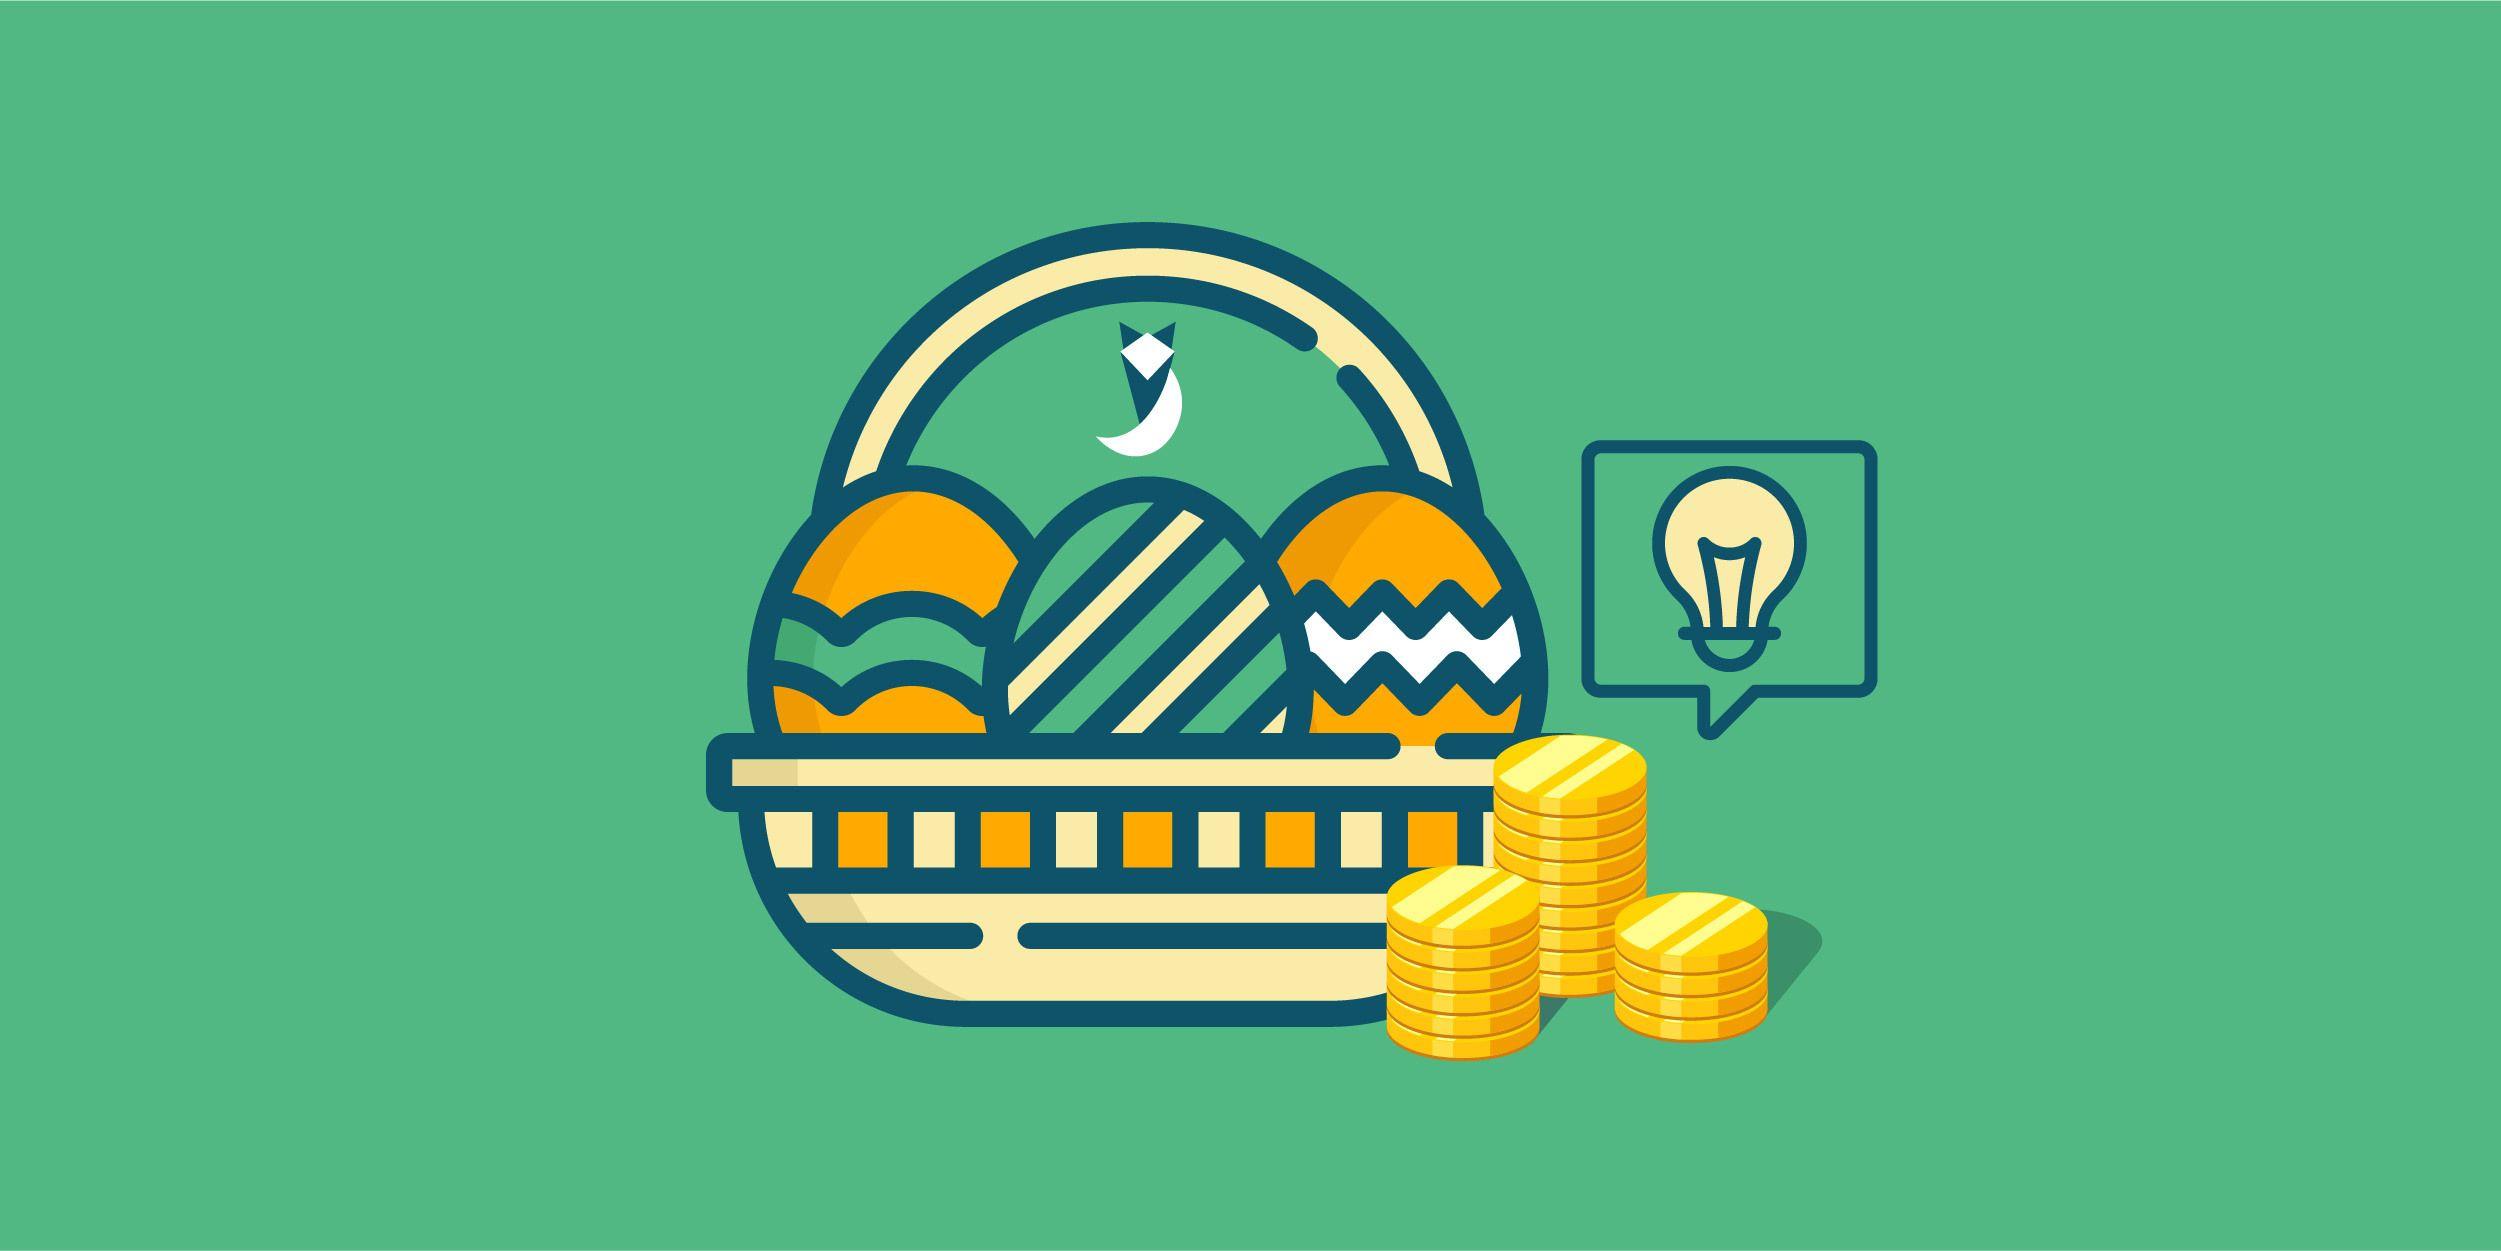 نصايح مالية مع بداية الربيع!